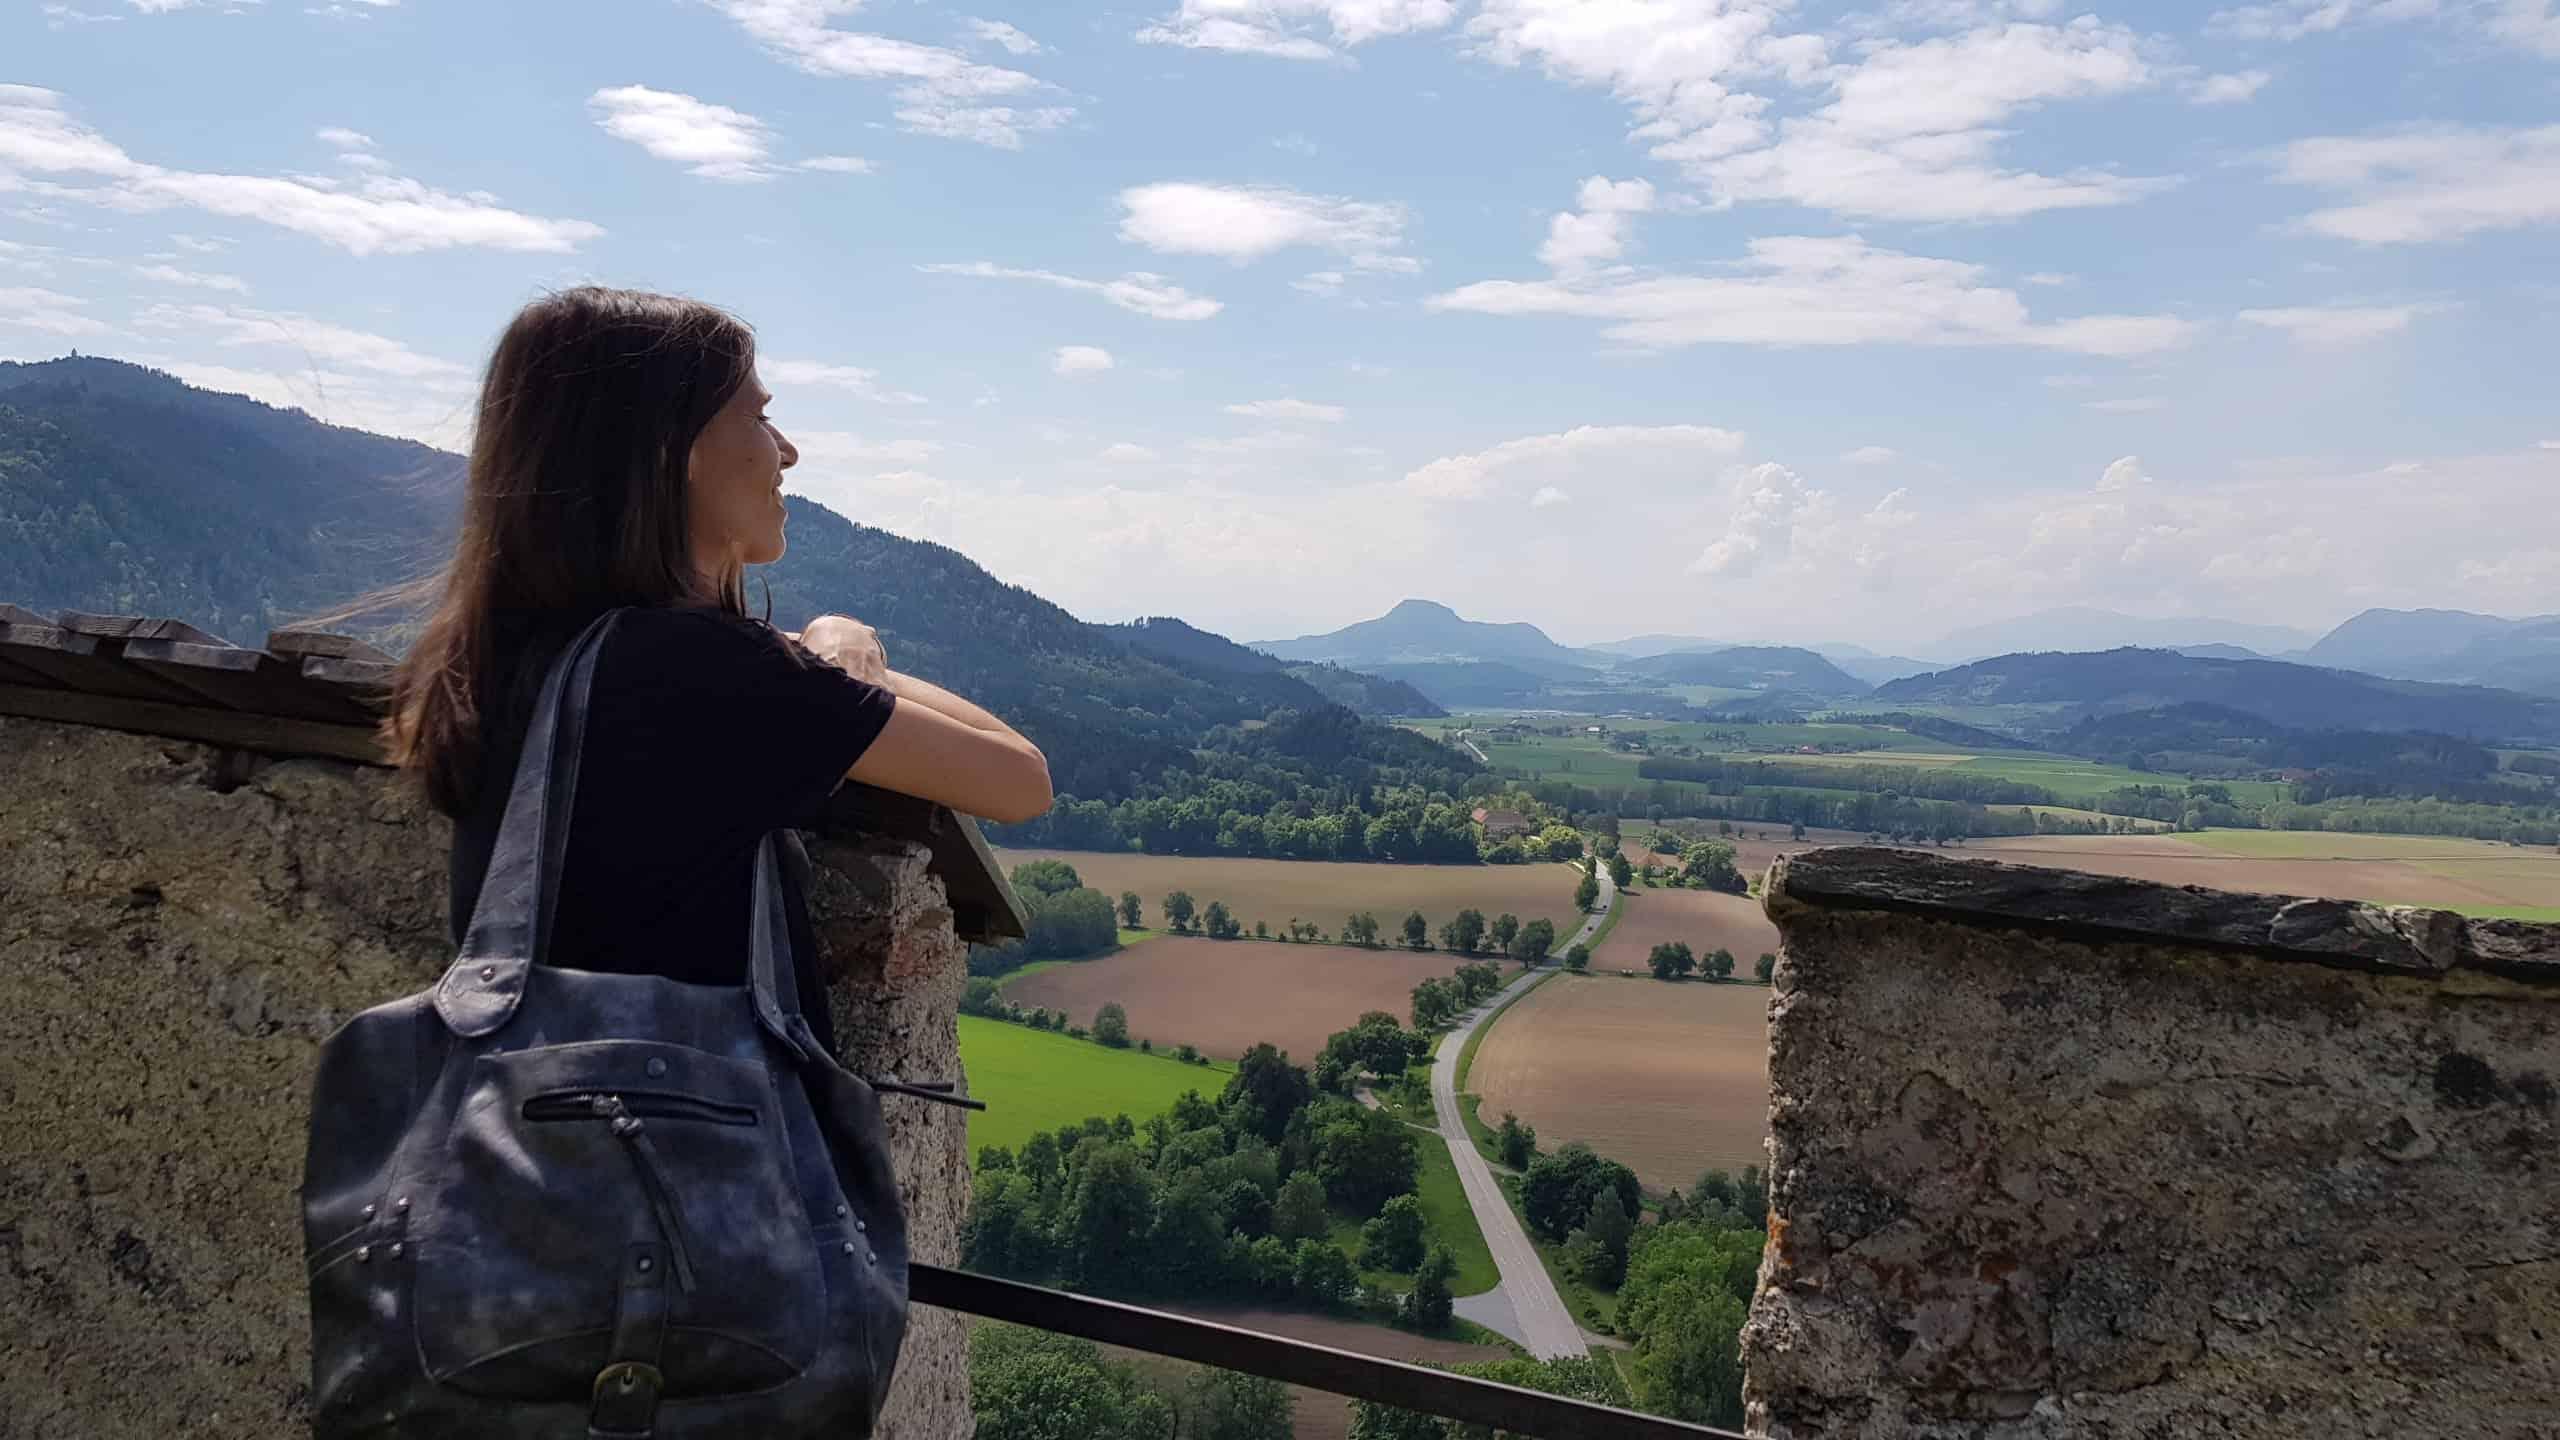 Besucherin genießt den Panoramablick - Mittelalterliches Flair mit Panorama auf Burg Hochosterwitz Nähe Klagenfurt